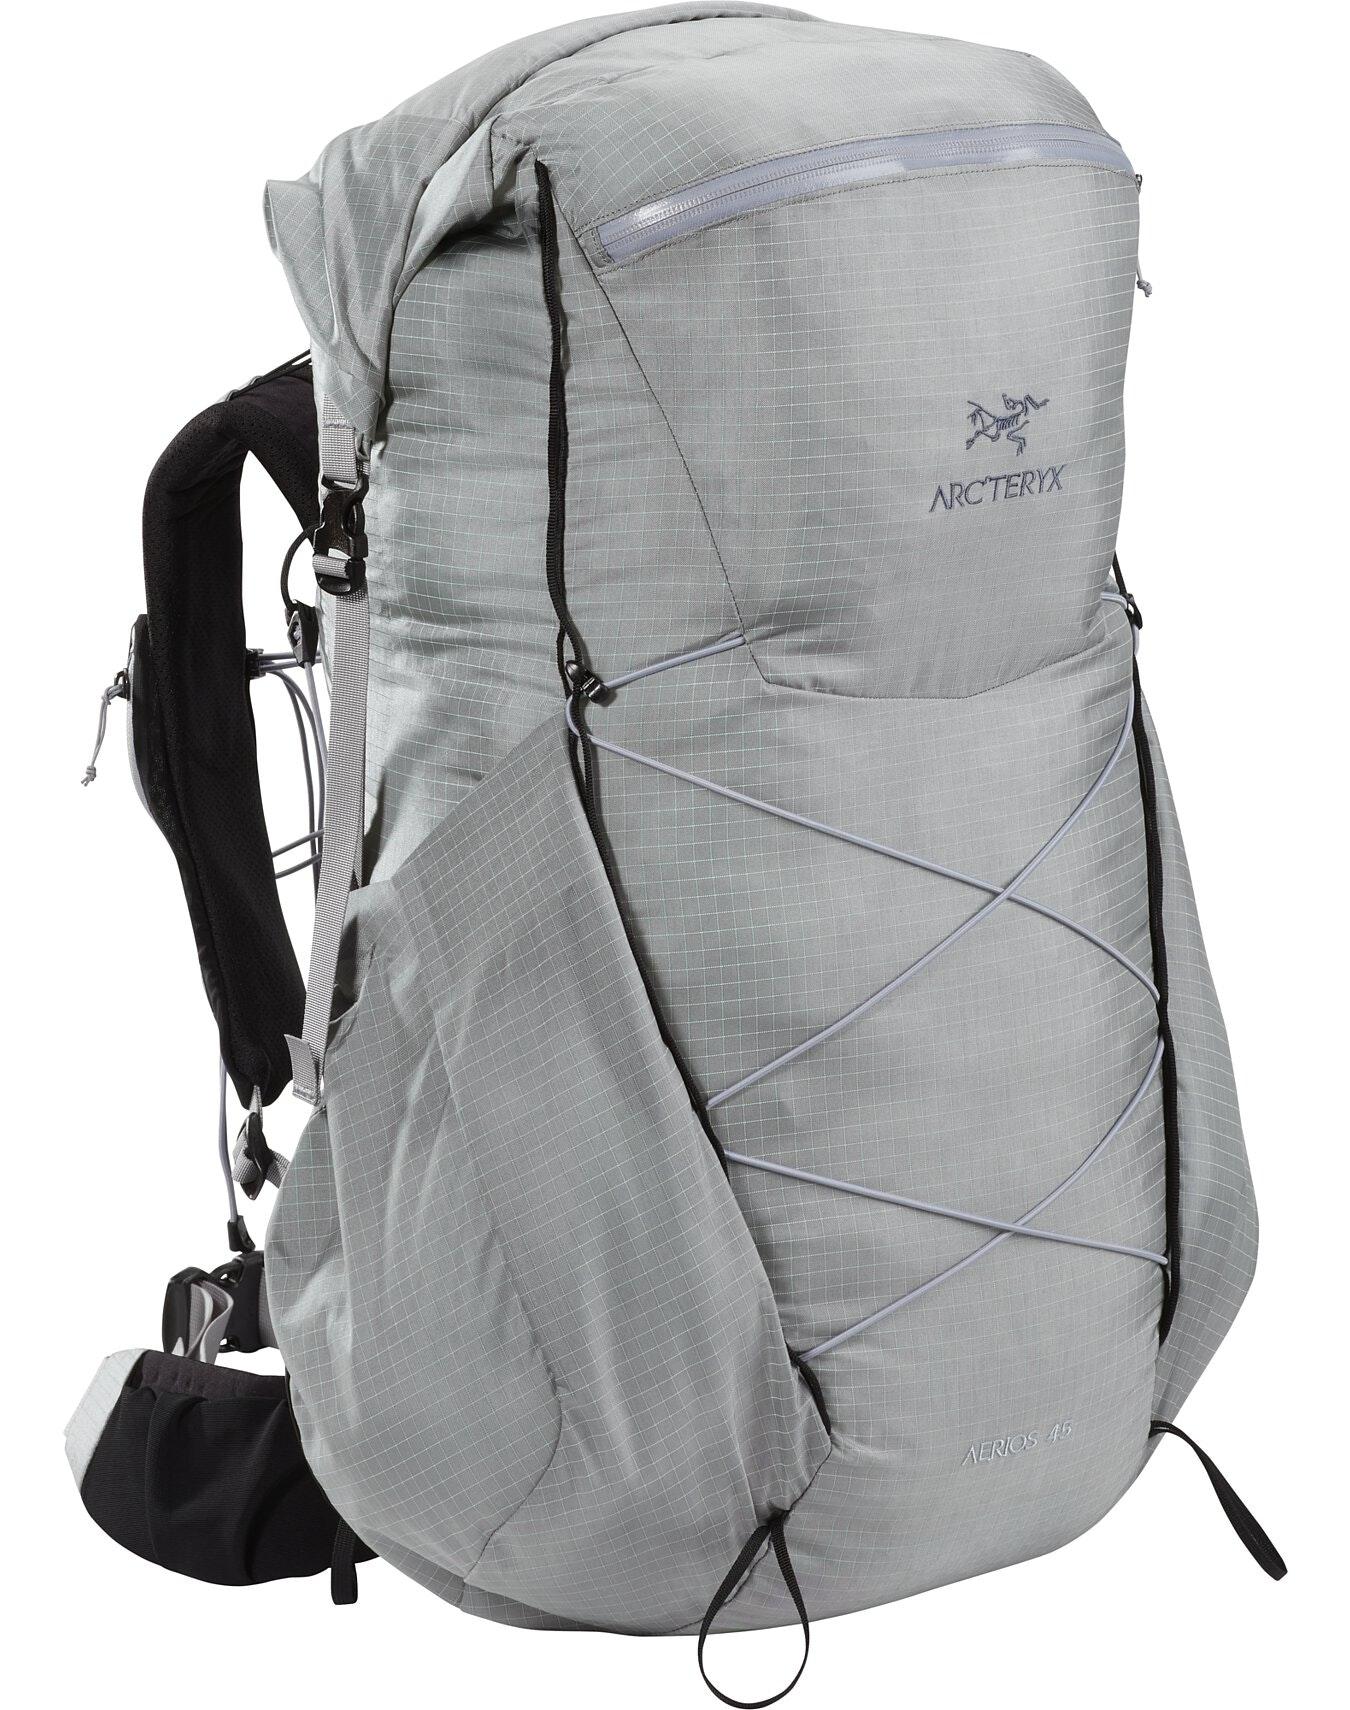 Aerios 45 Backpack Pixel